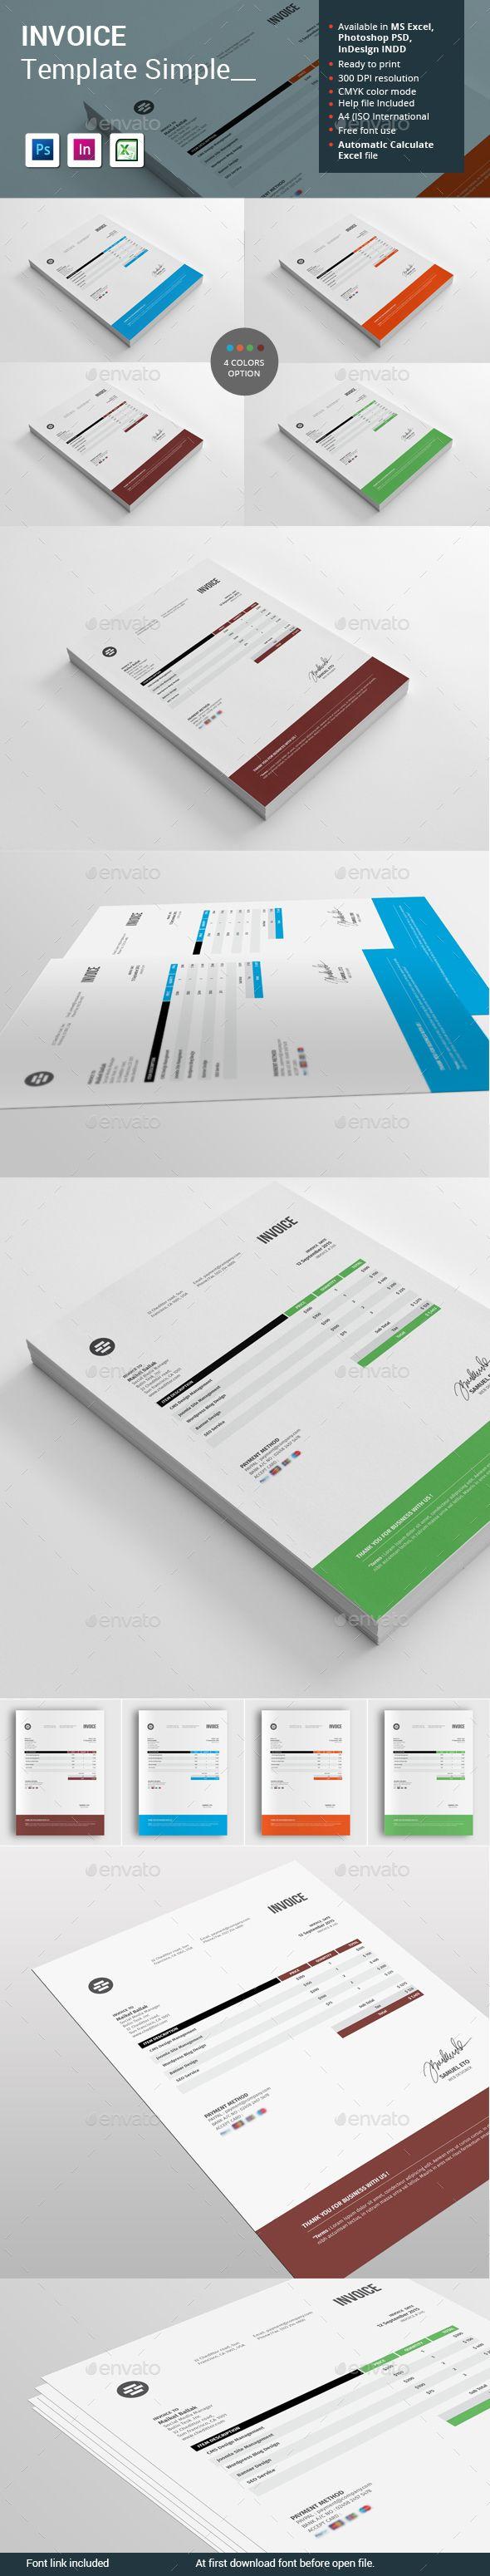 Invoice Template Simple | Diseño de factura